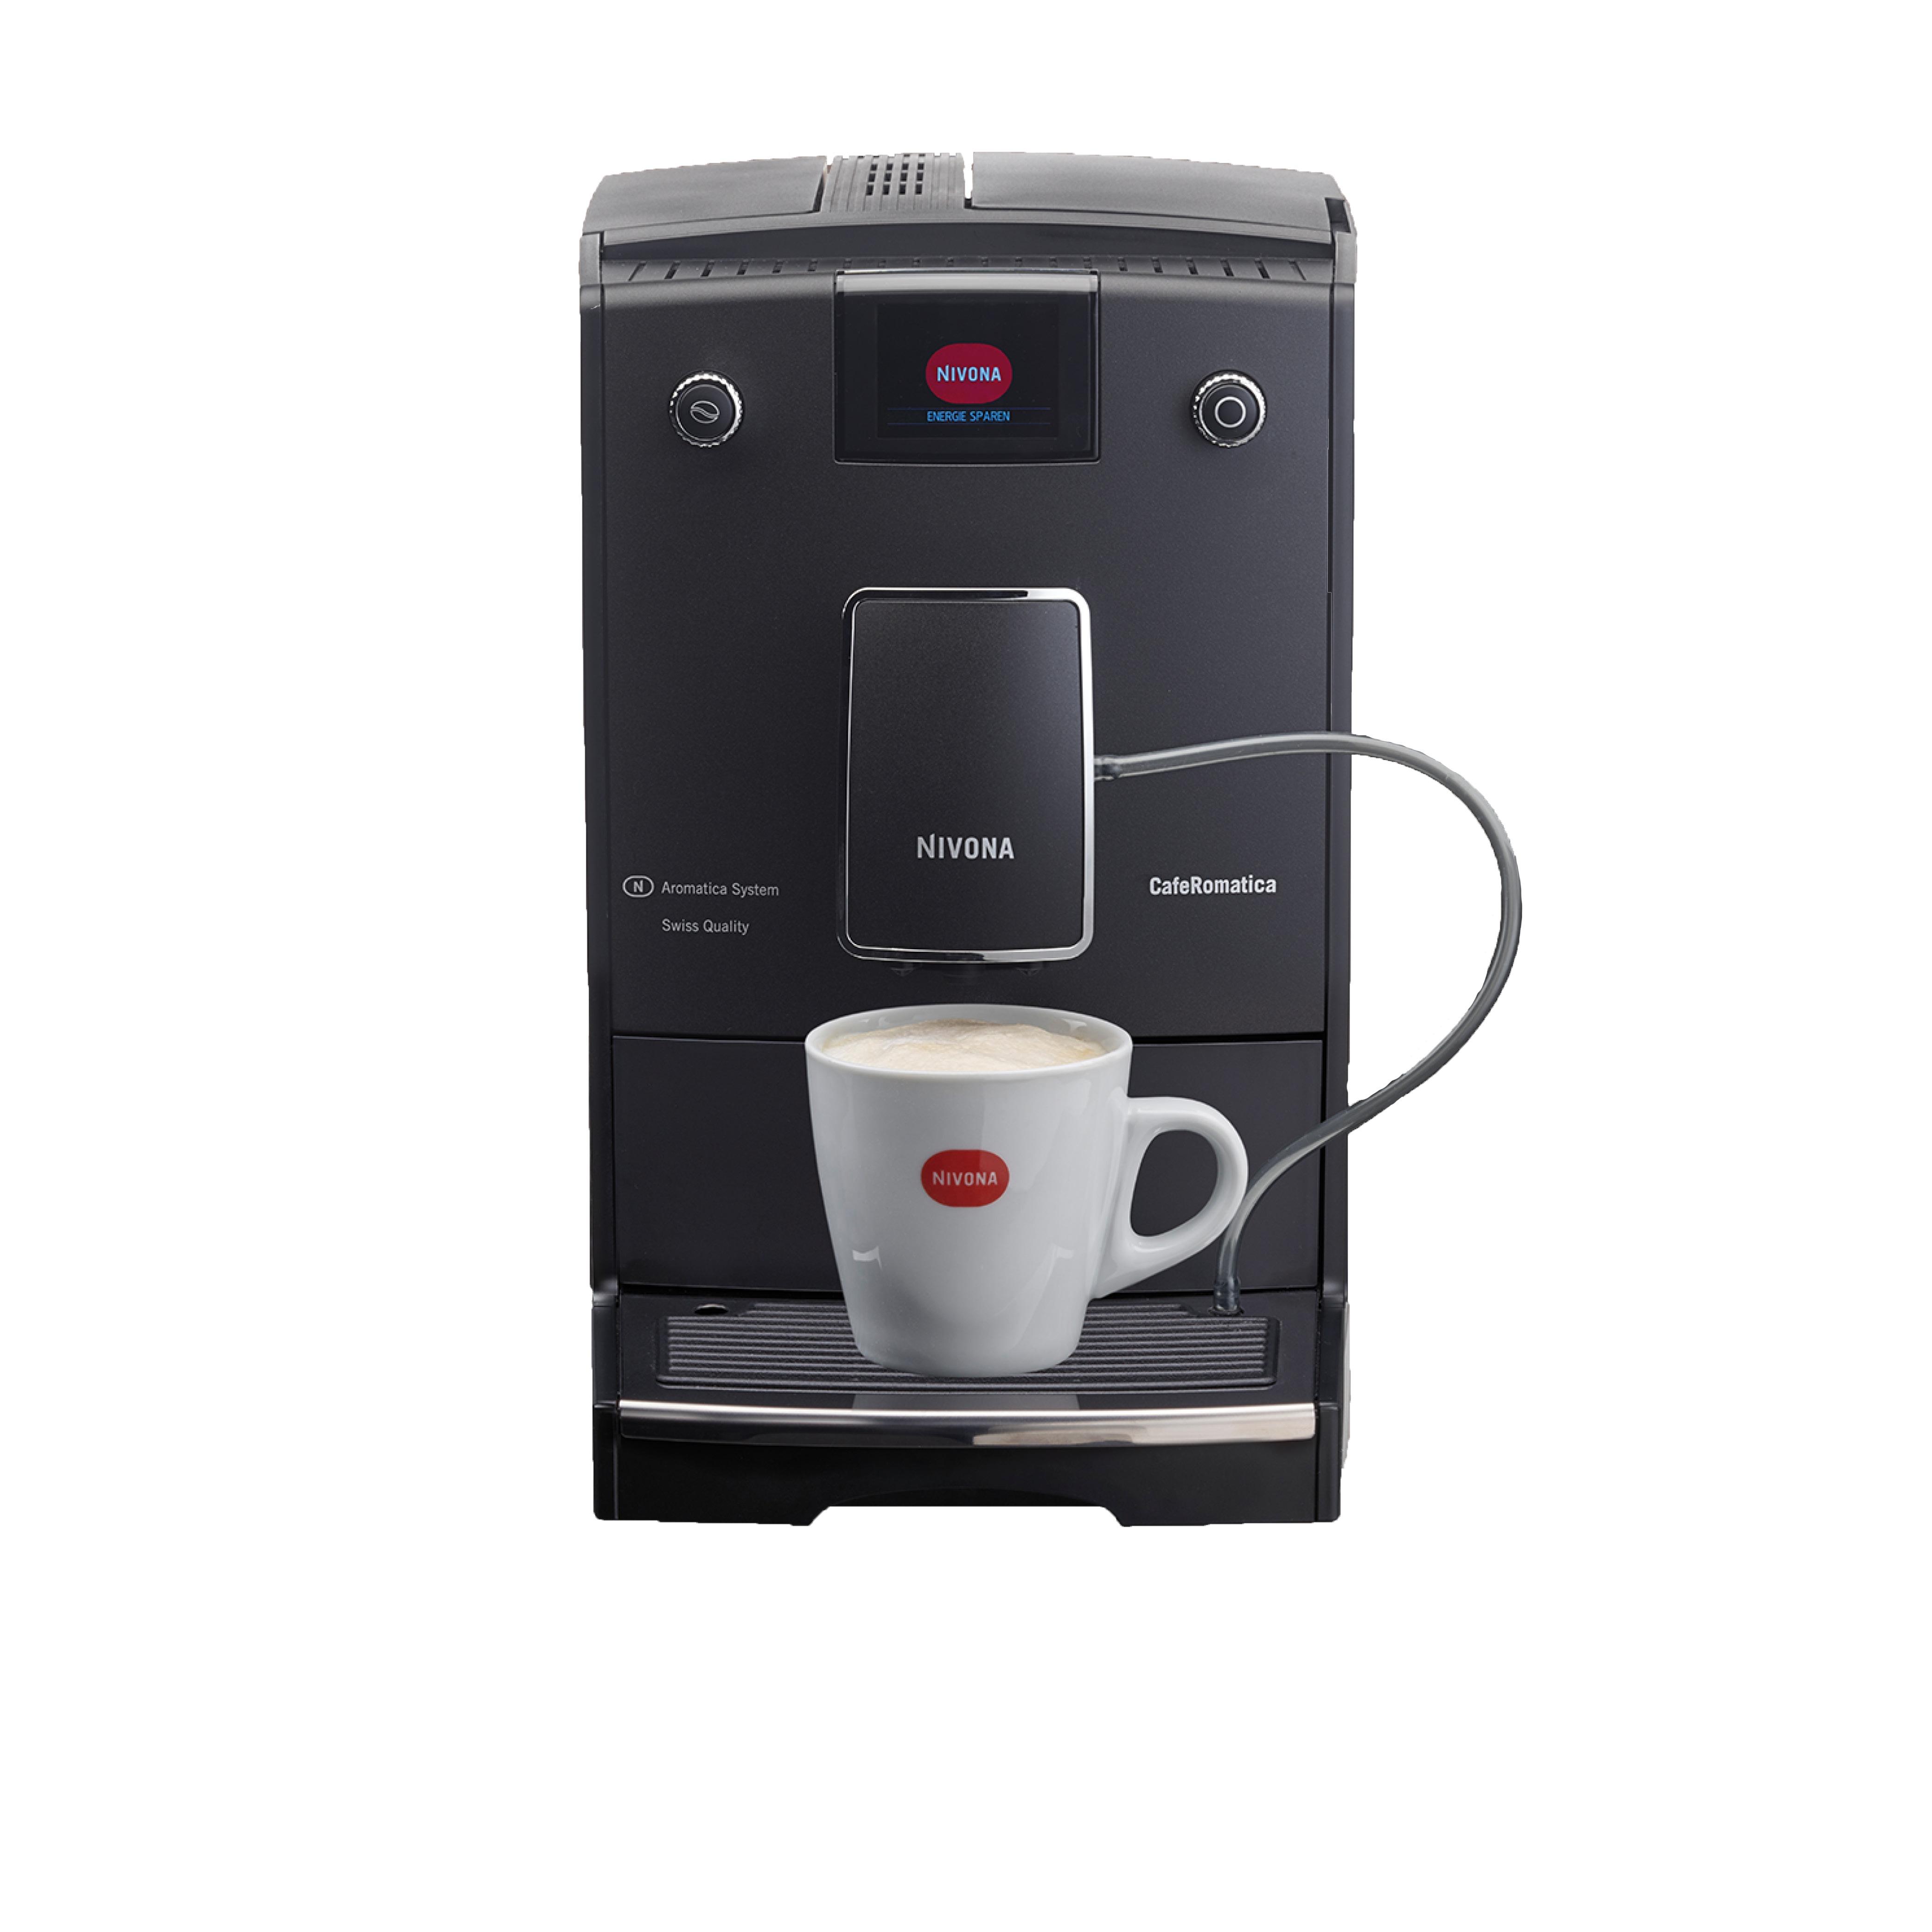 Op bestehardware.nl (de beste hardware onderdelen) is alles over wonen te vinden: waaronder expert en specifiek Nivona CafeRomatica 759 Volautomaat (Nivona-CafeRomatica-759-Volautomaat372553554)